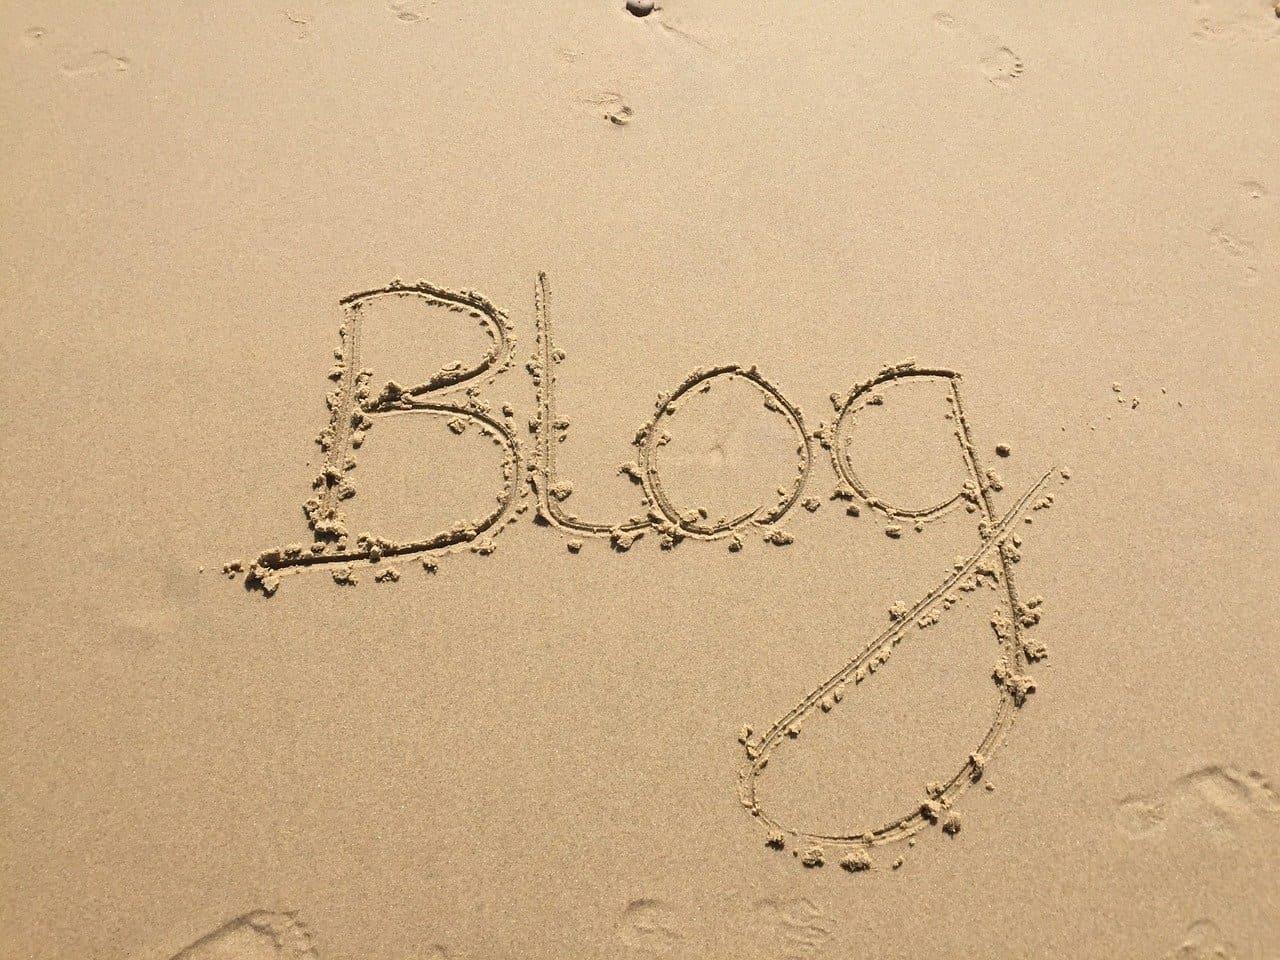 プログラミング学習者はブログをやるべきか?